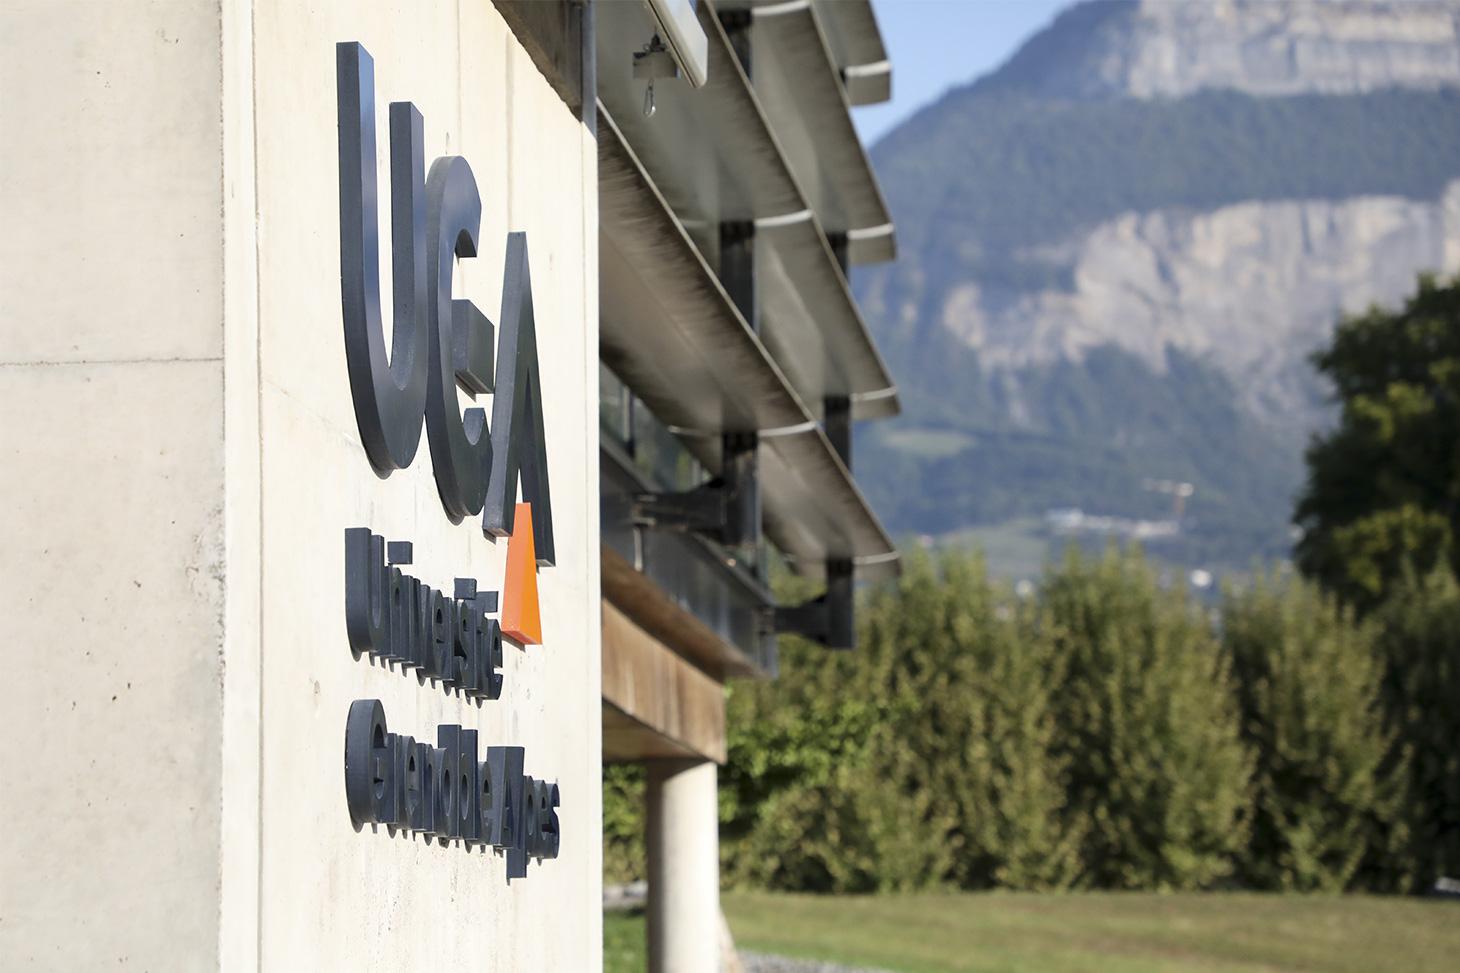 Le bâtiment de la présidence de l'Université Grenoble Alpes sur le campus de Saint-Martin-d'Hères